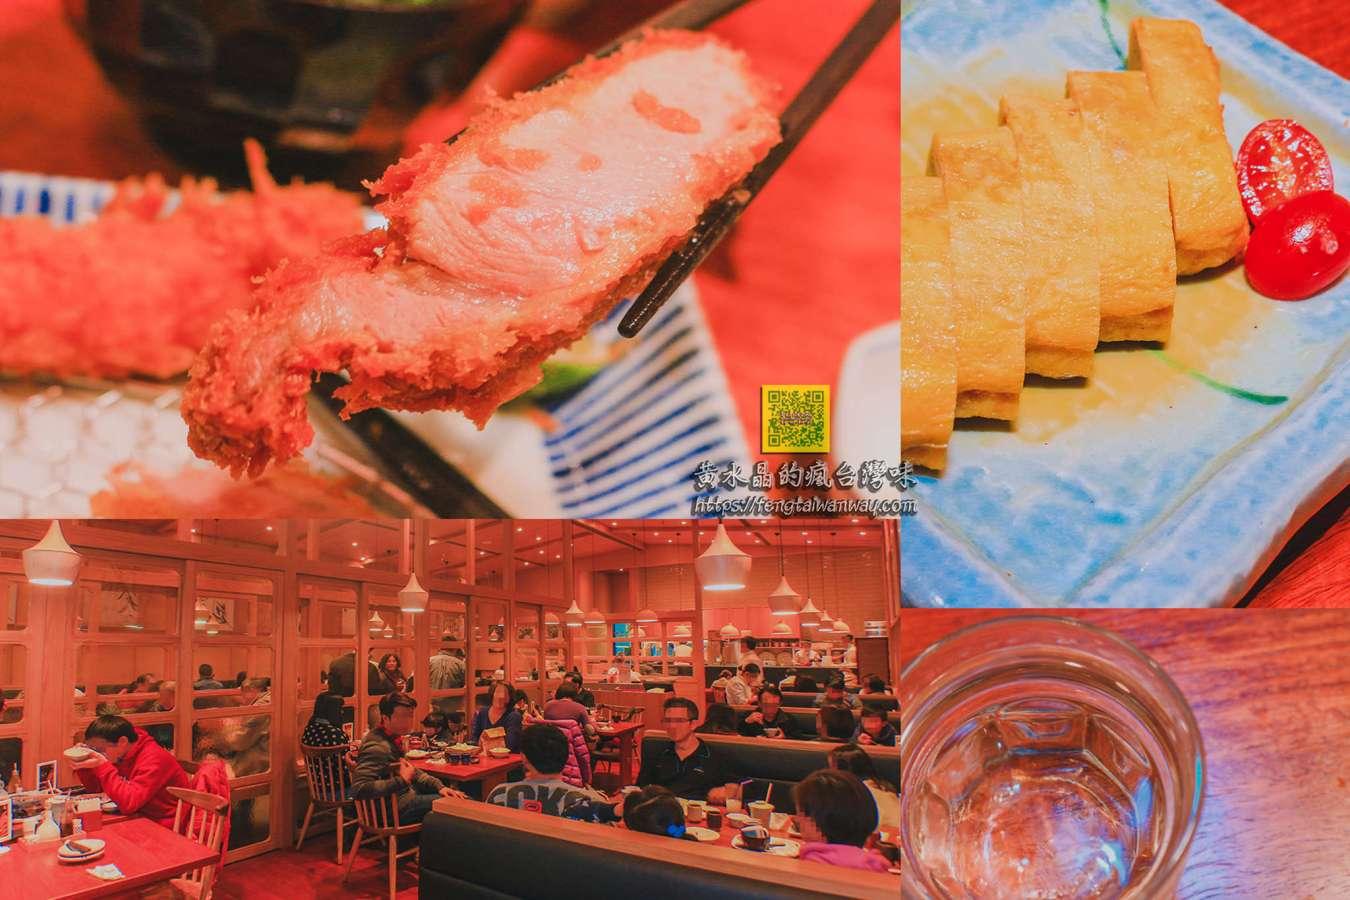 銀座杏子日式豬排桃園廣豐店【八德美食】|廣豐新天地日式豬排餐廳;網路溫度計排名第一 @黃水晶的瘋台灣味